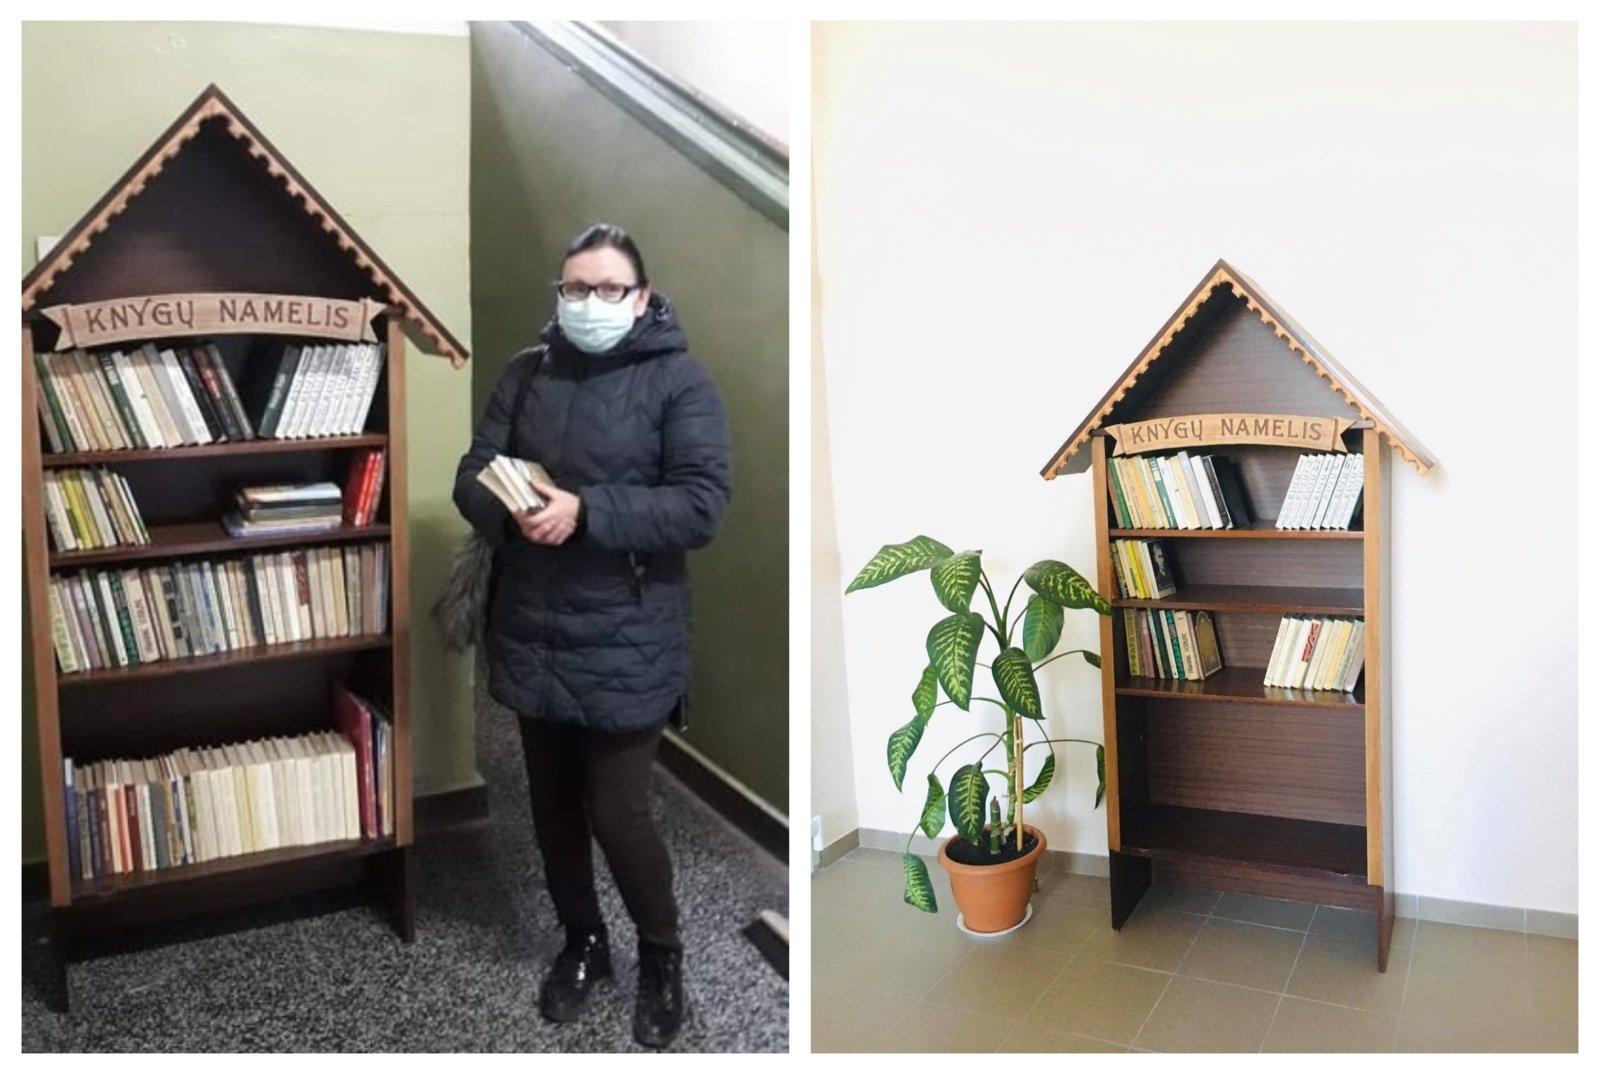 Knygų namelis skatins ne tik skaityti, mainytis, bet ir dovanoti jau perskaitytas knygas